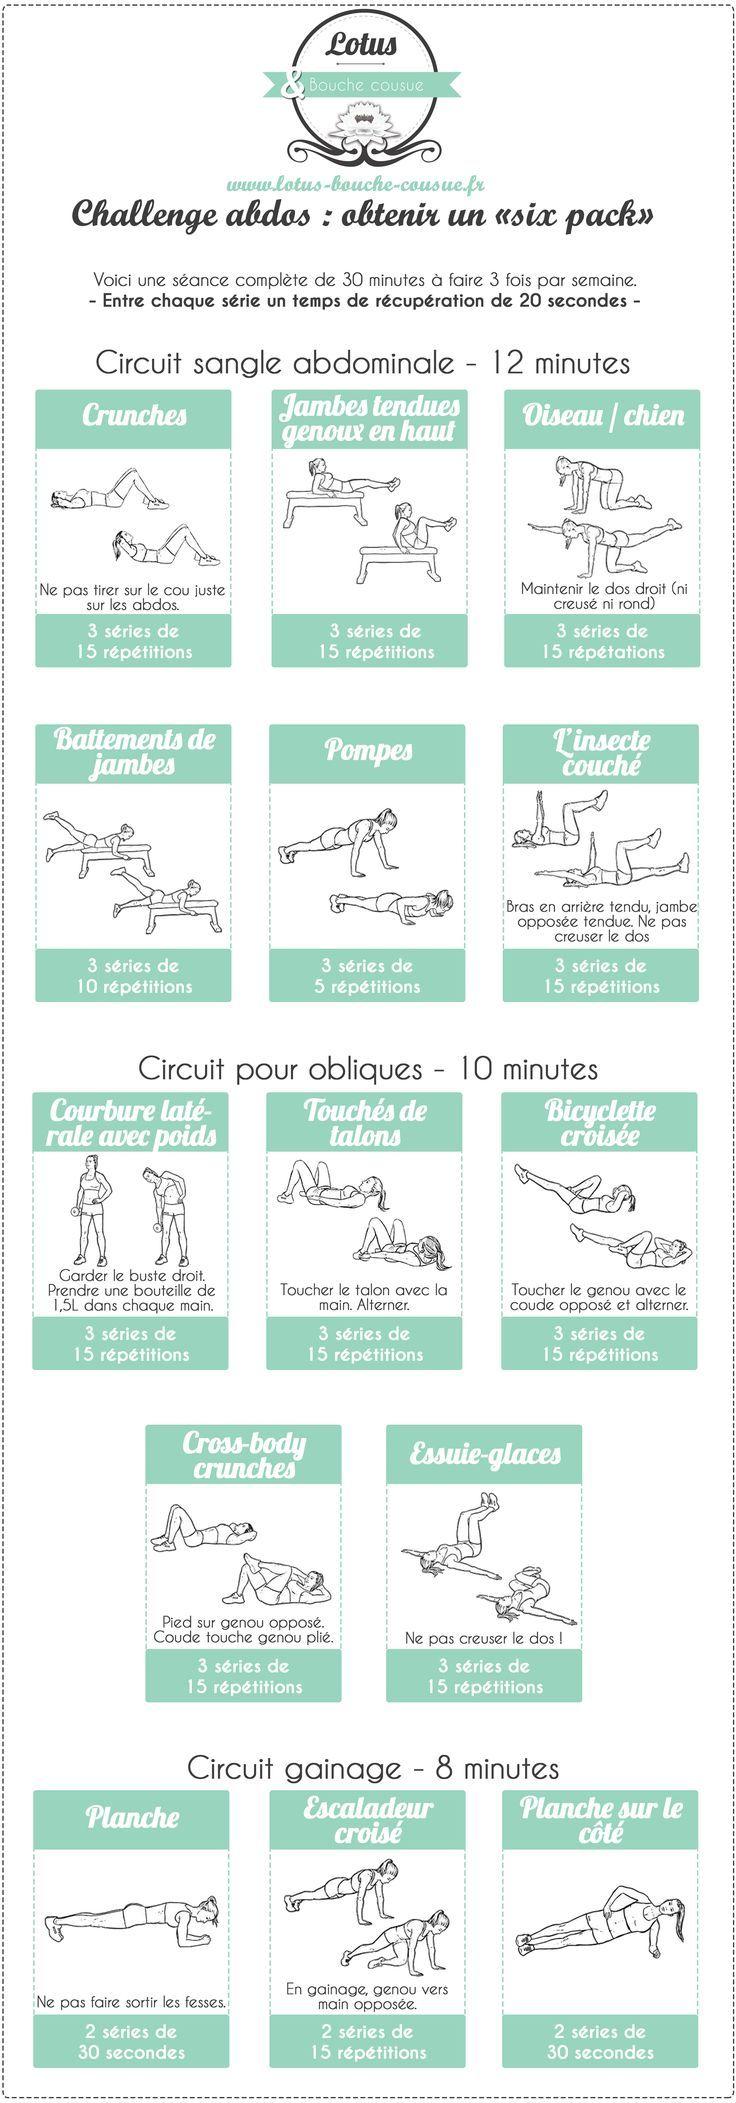 Régime : Comment maigrir vite et bien